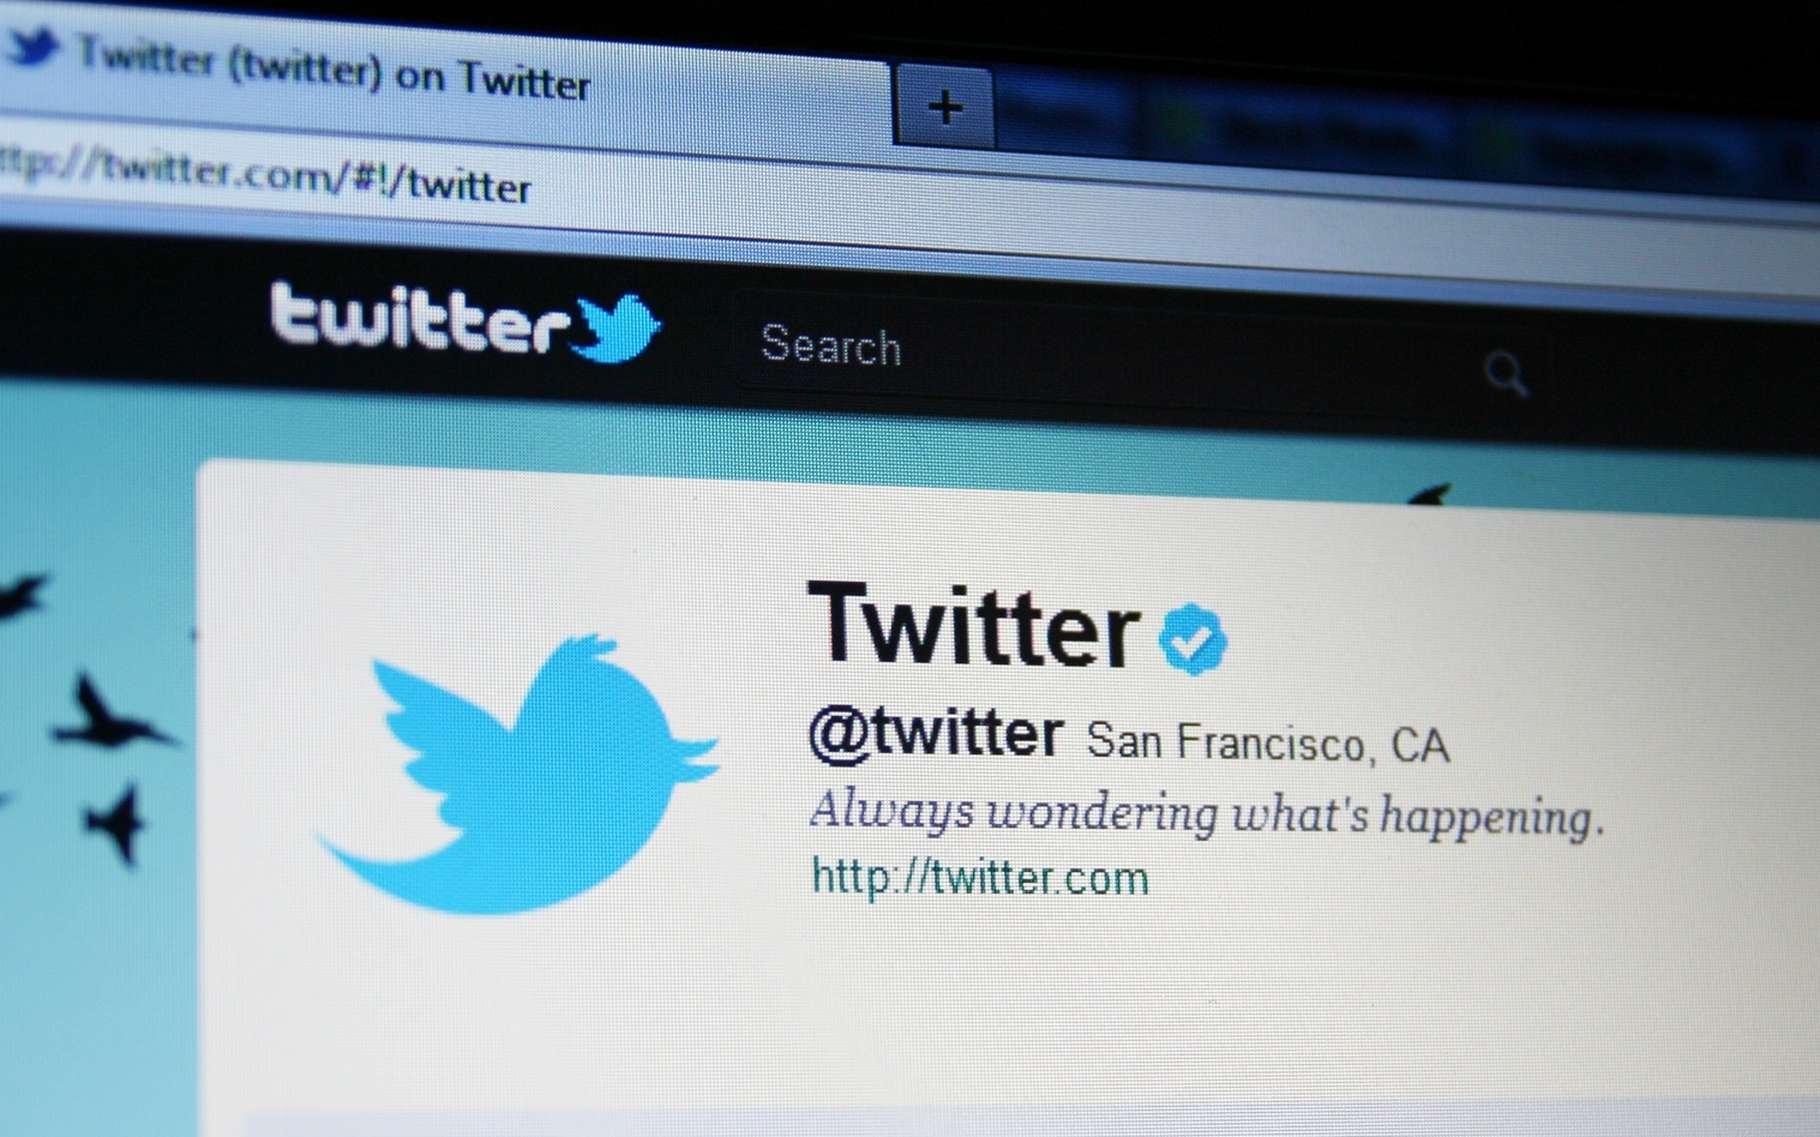 Un compte Twitter n'est définitivement désactivé qu'au bout de 30 jours. © Annette Shaff, Shutterstock